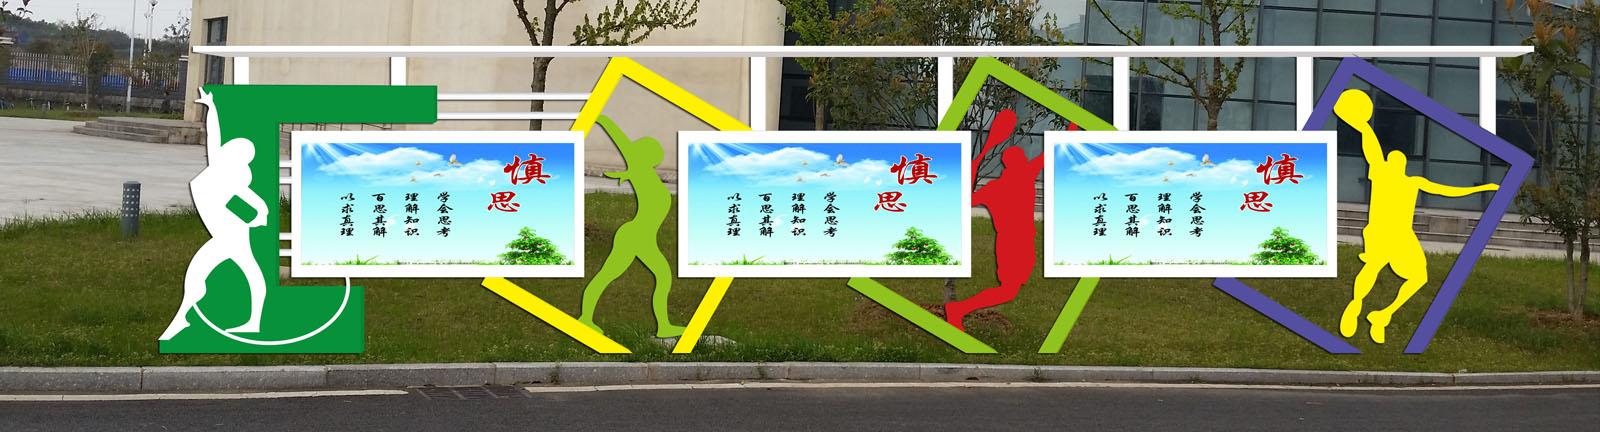 济南公交候车亭